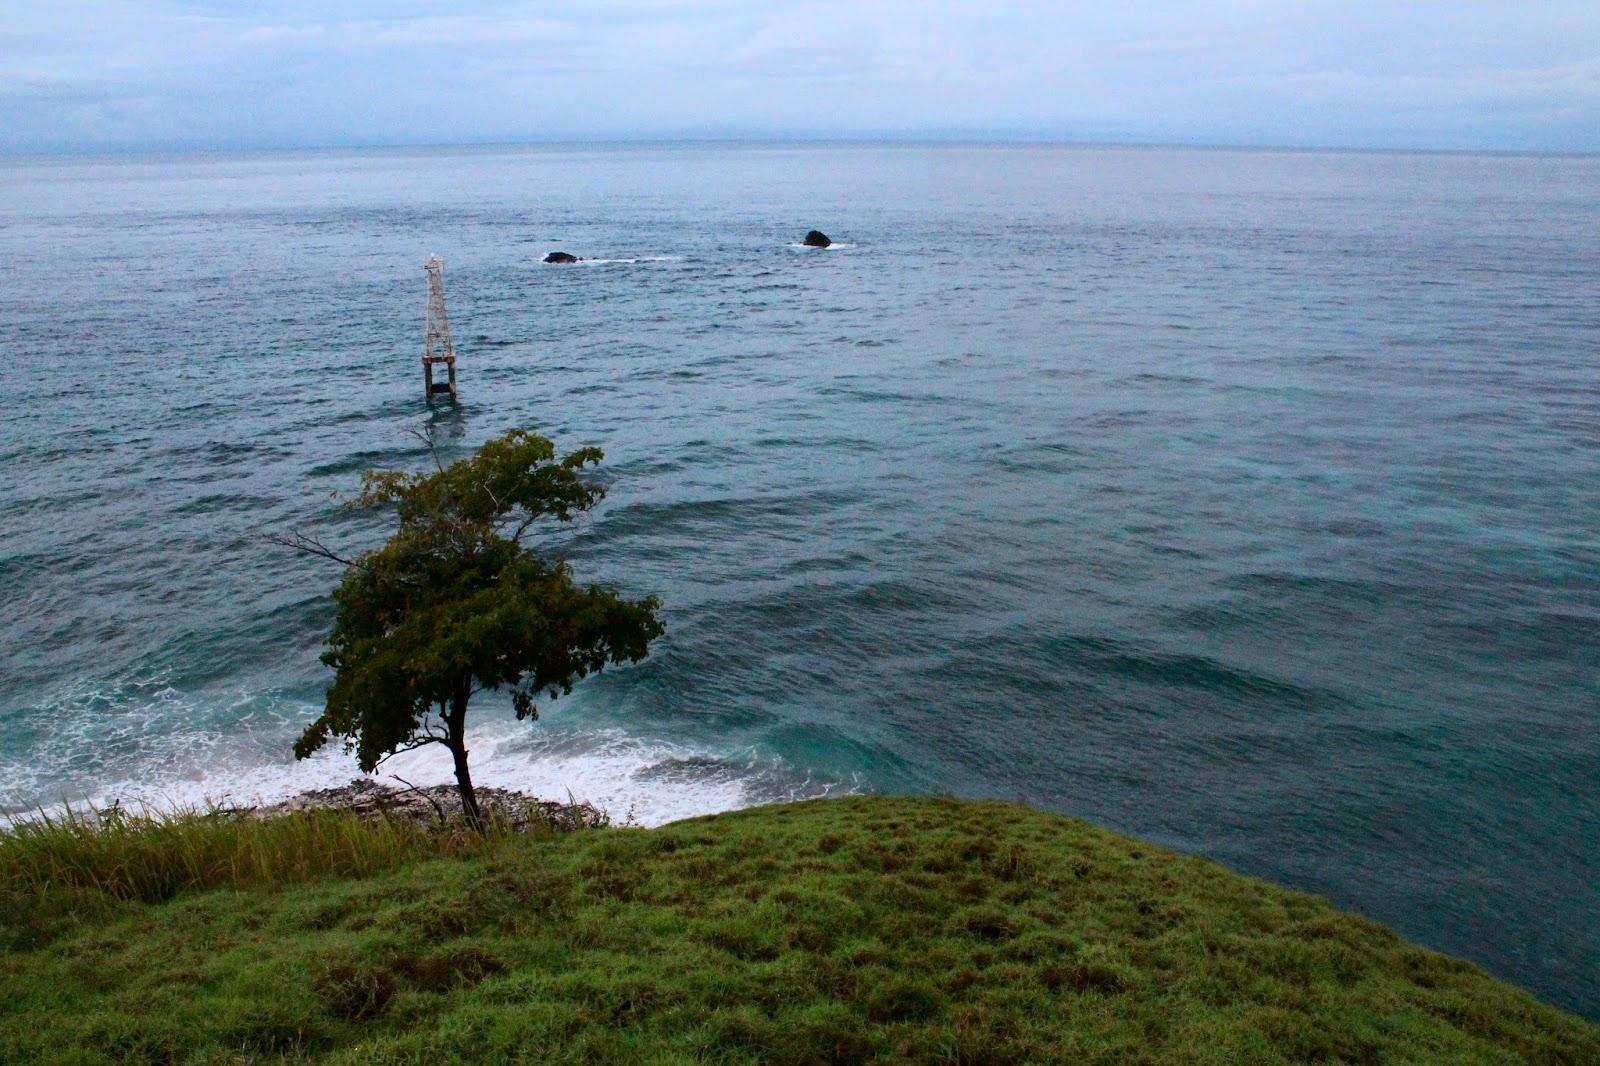 Pulau Baling Kecil Indah Sulawesi Utara Taman Laut Tumbak Kab